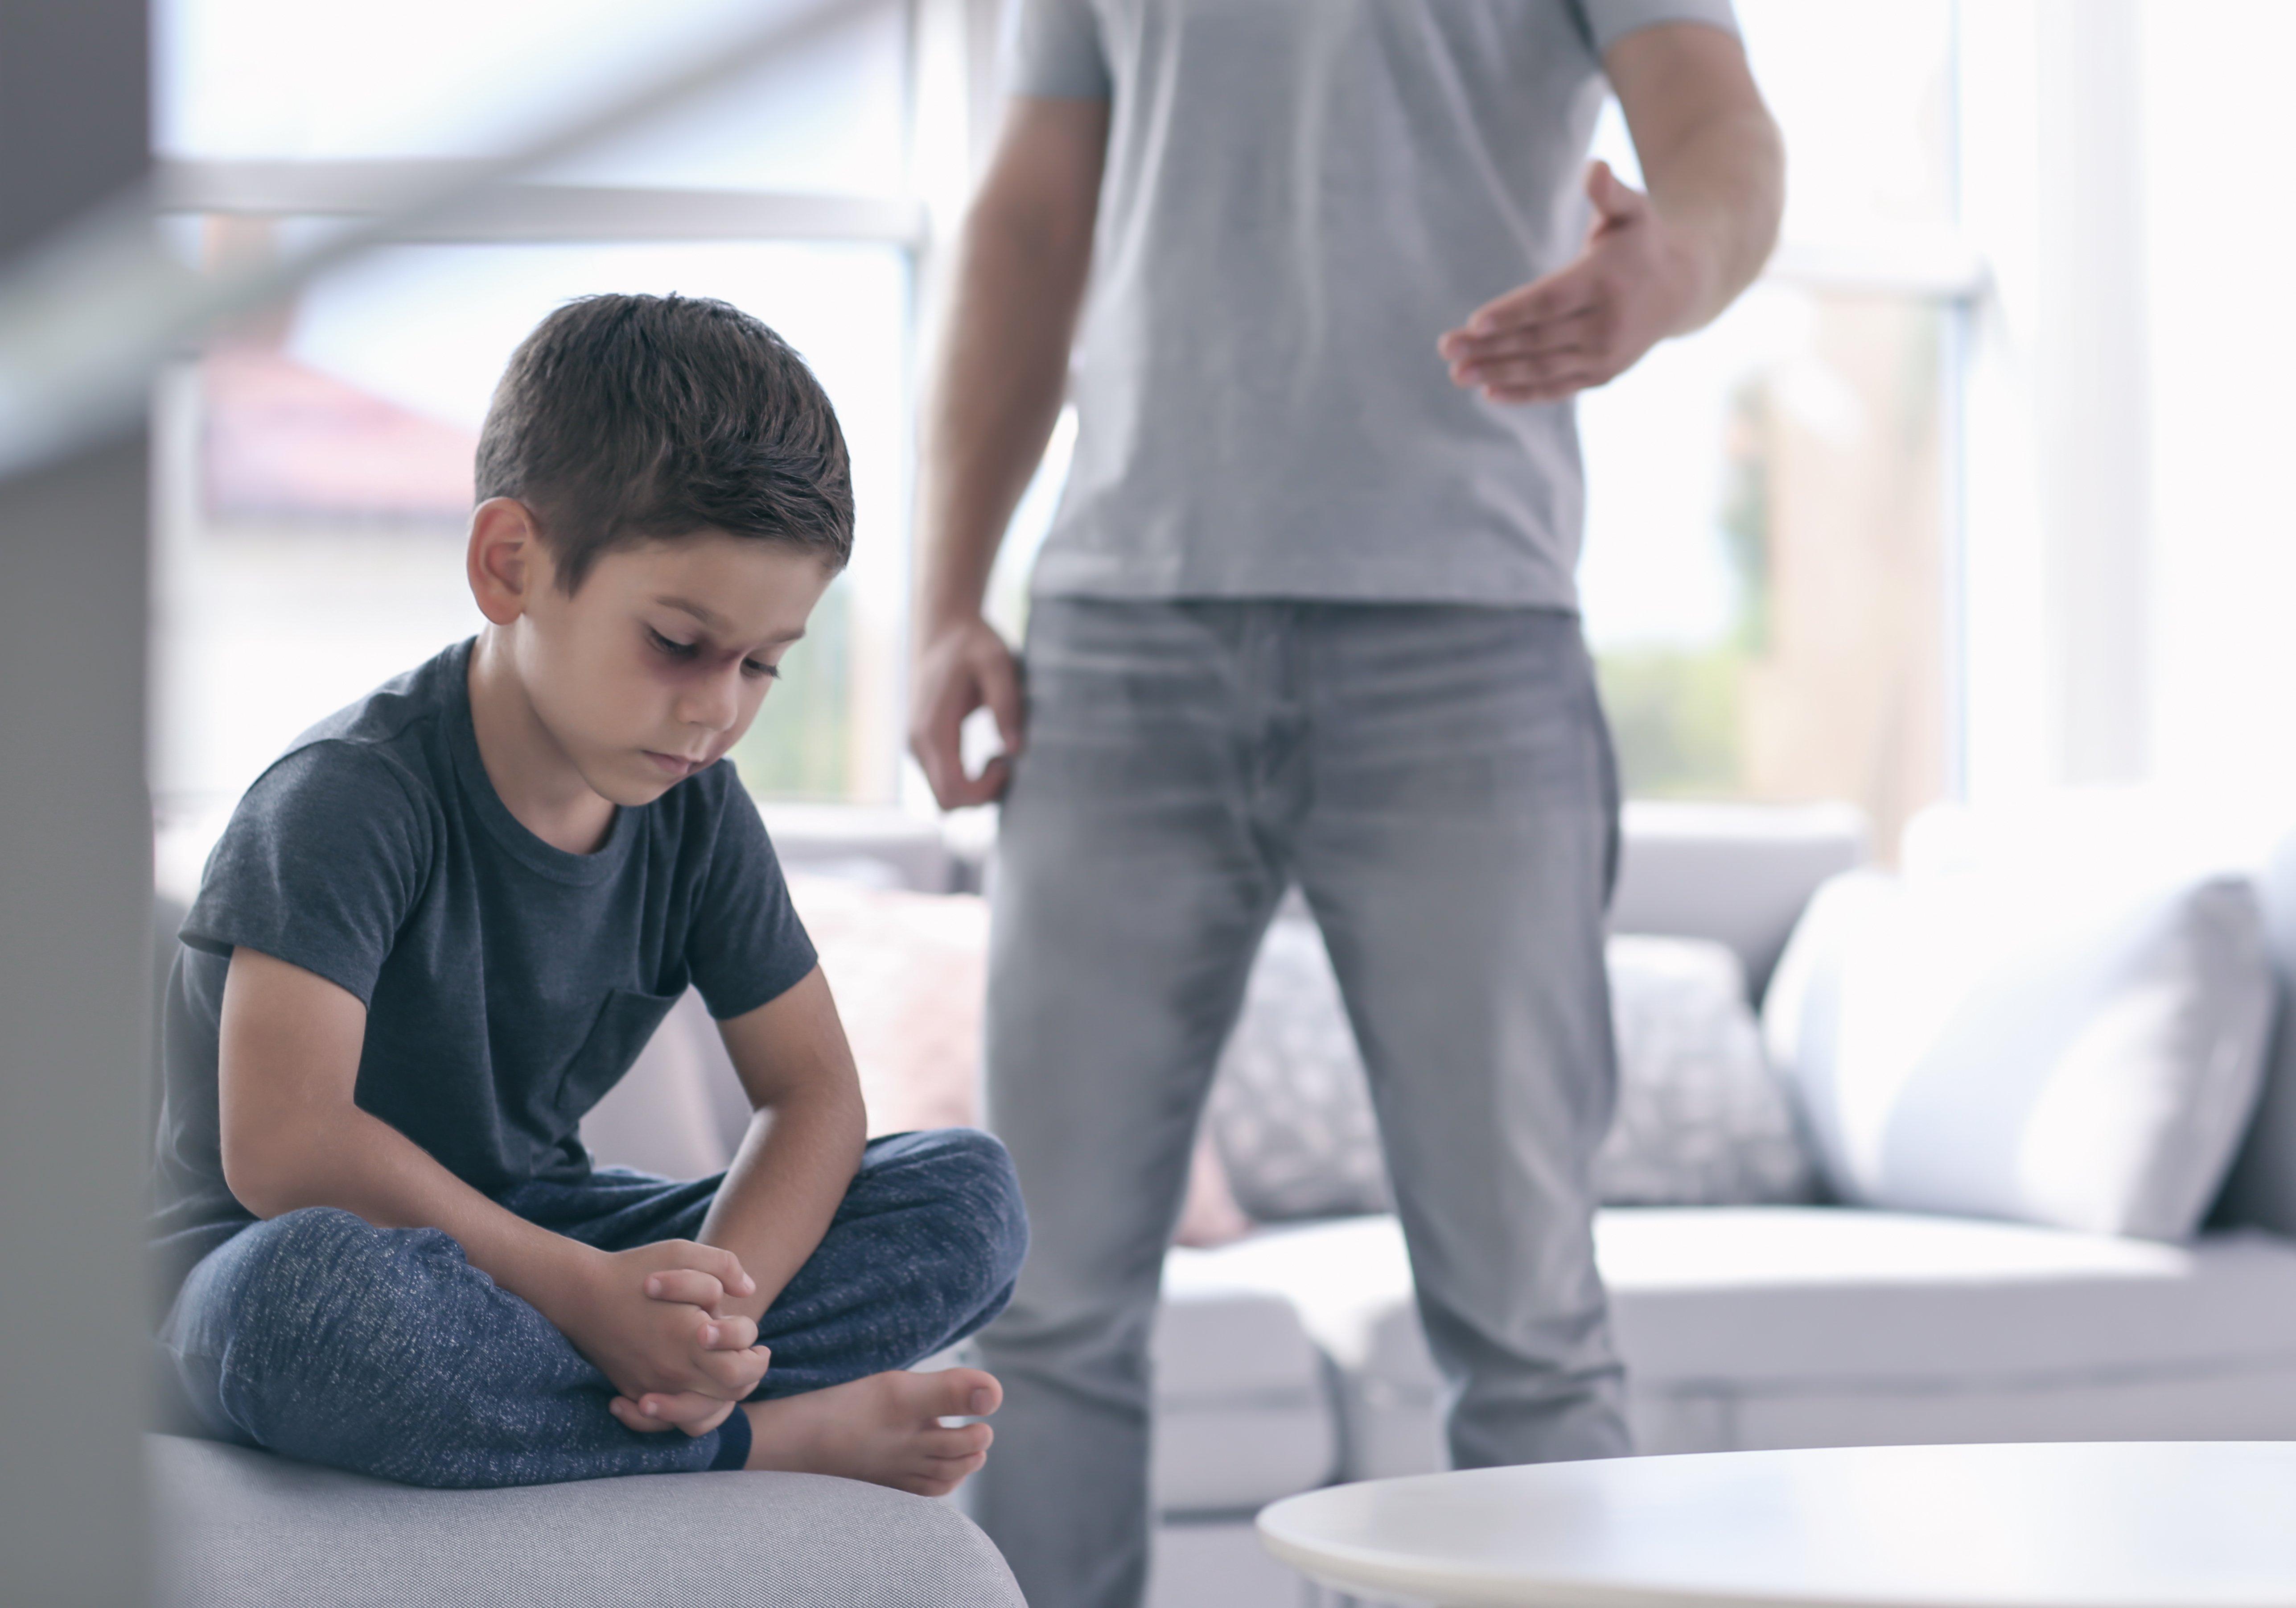 Un homme réprimande un petit garçon | Photo : Shutterstock